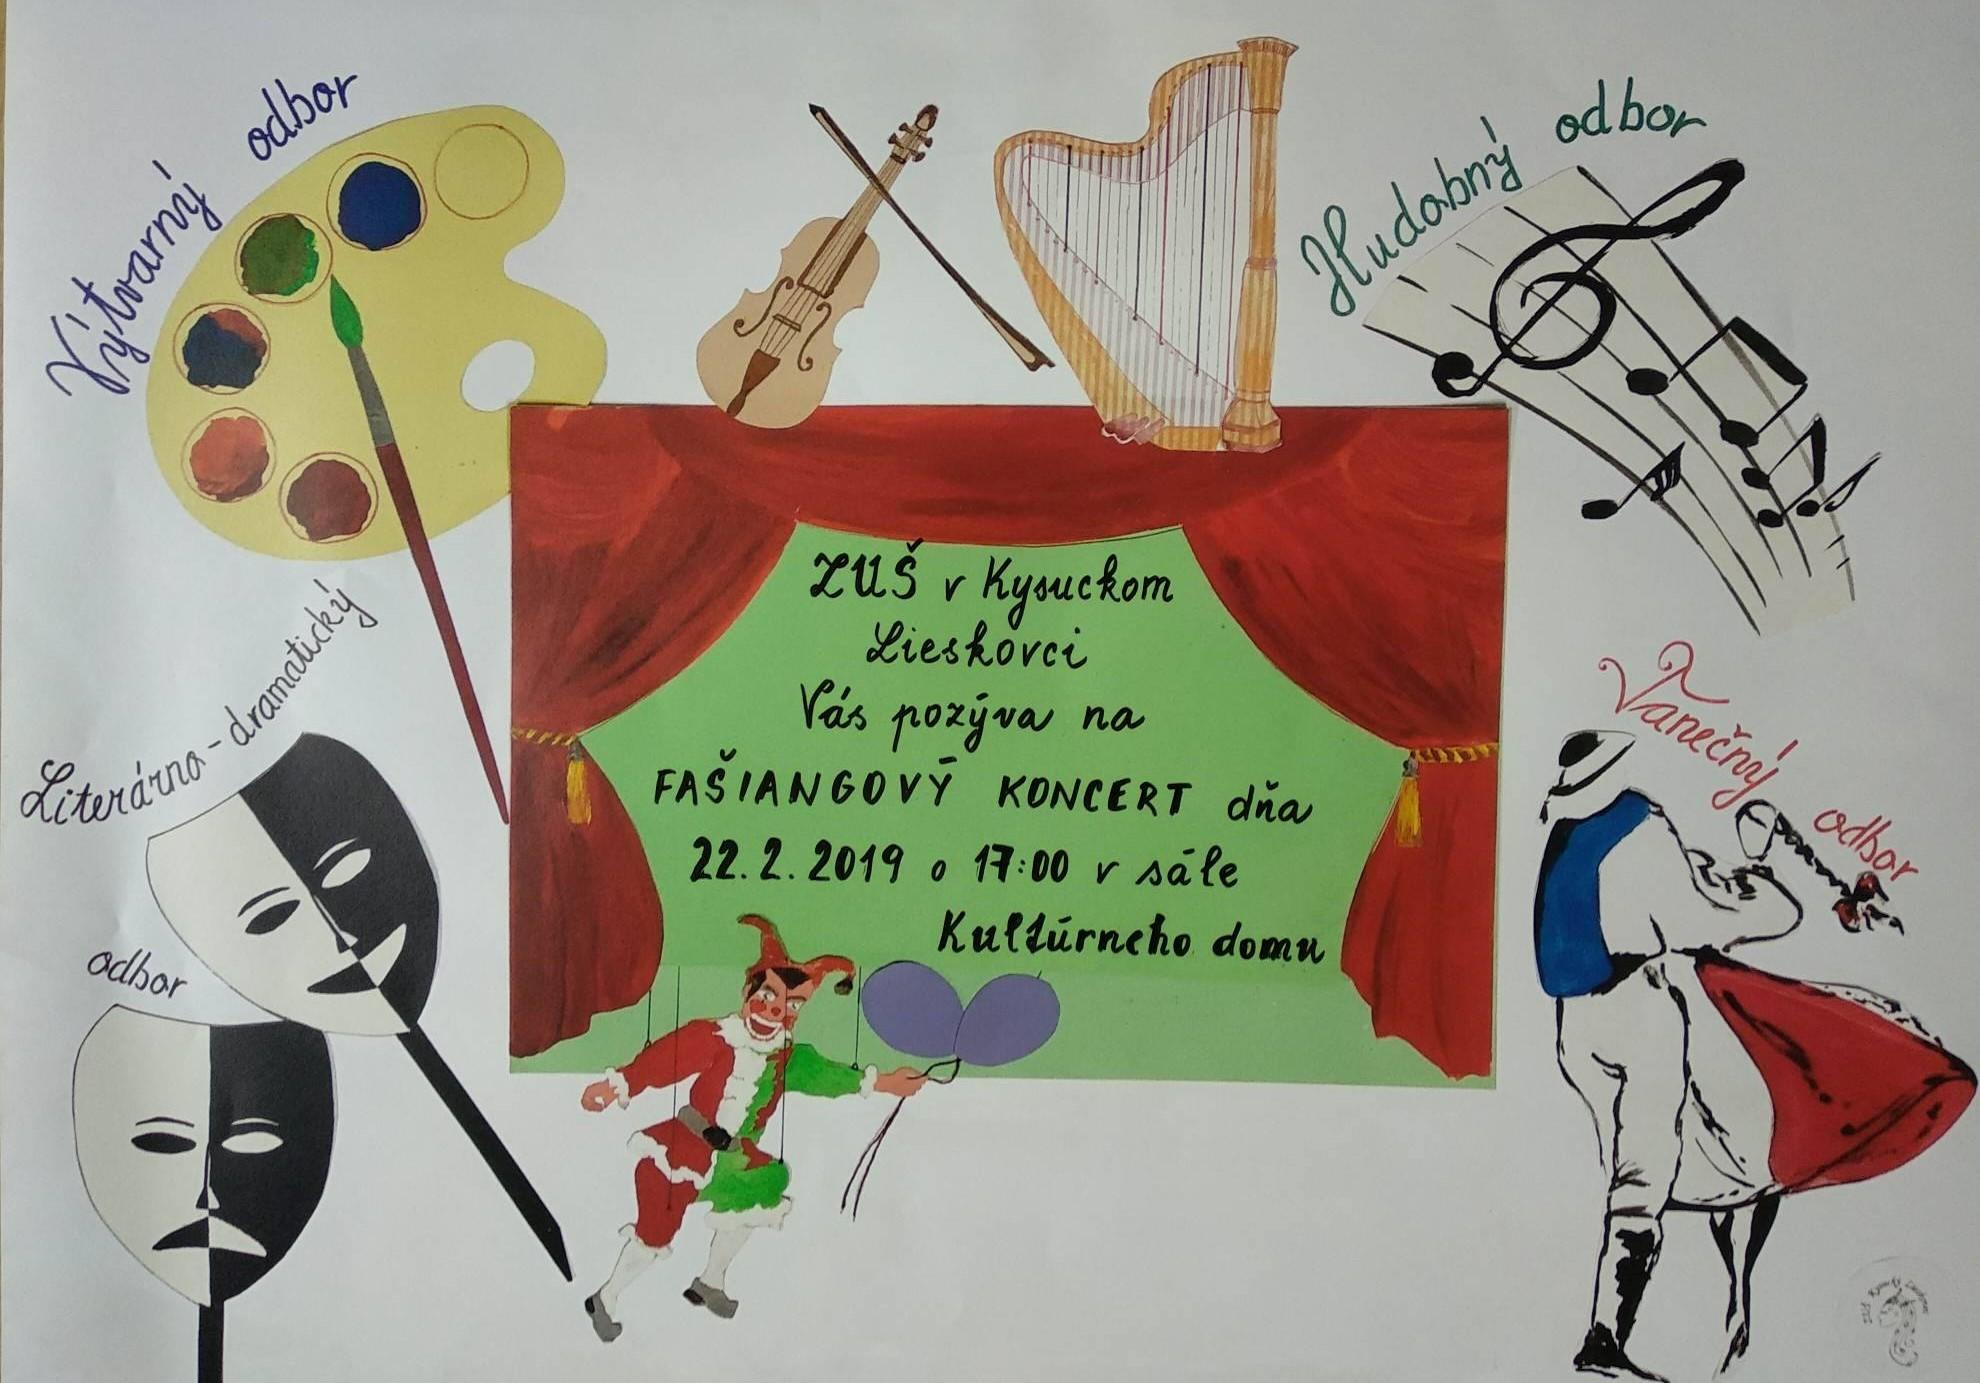 Pozývame Vás - Fašiangový koncert dňa 22.2.2019 o 17:00 do sály kultúrneho domu.